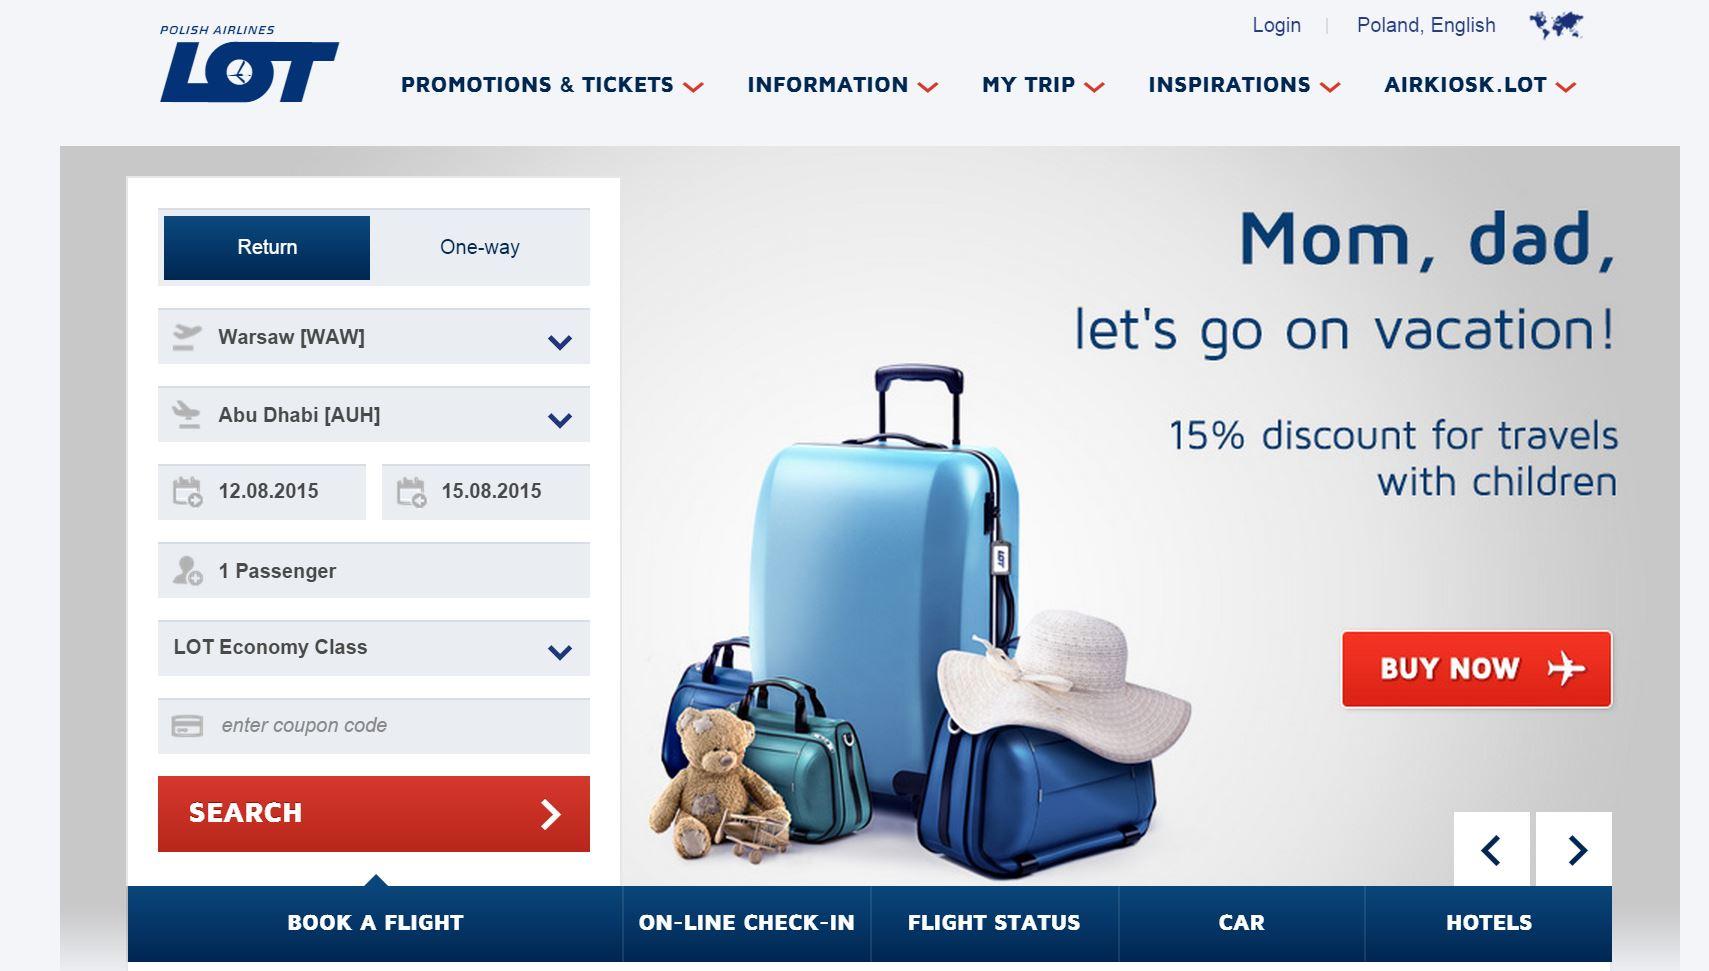 仮想通貨ビットコインで航空券購入が可能に、LOTポーランド航空がエアライン初の導入